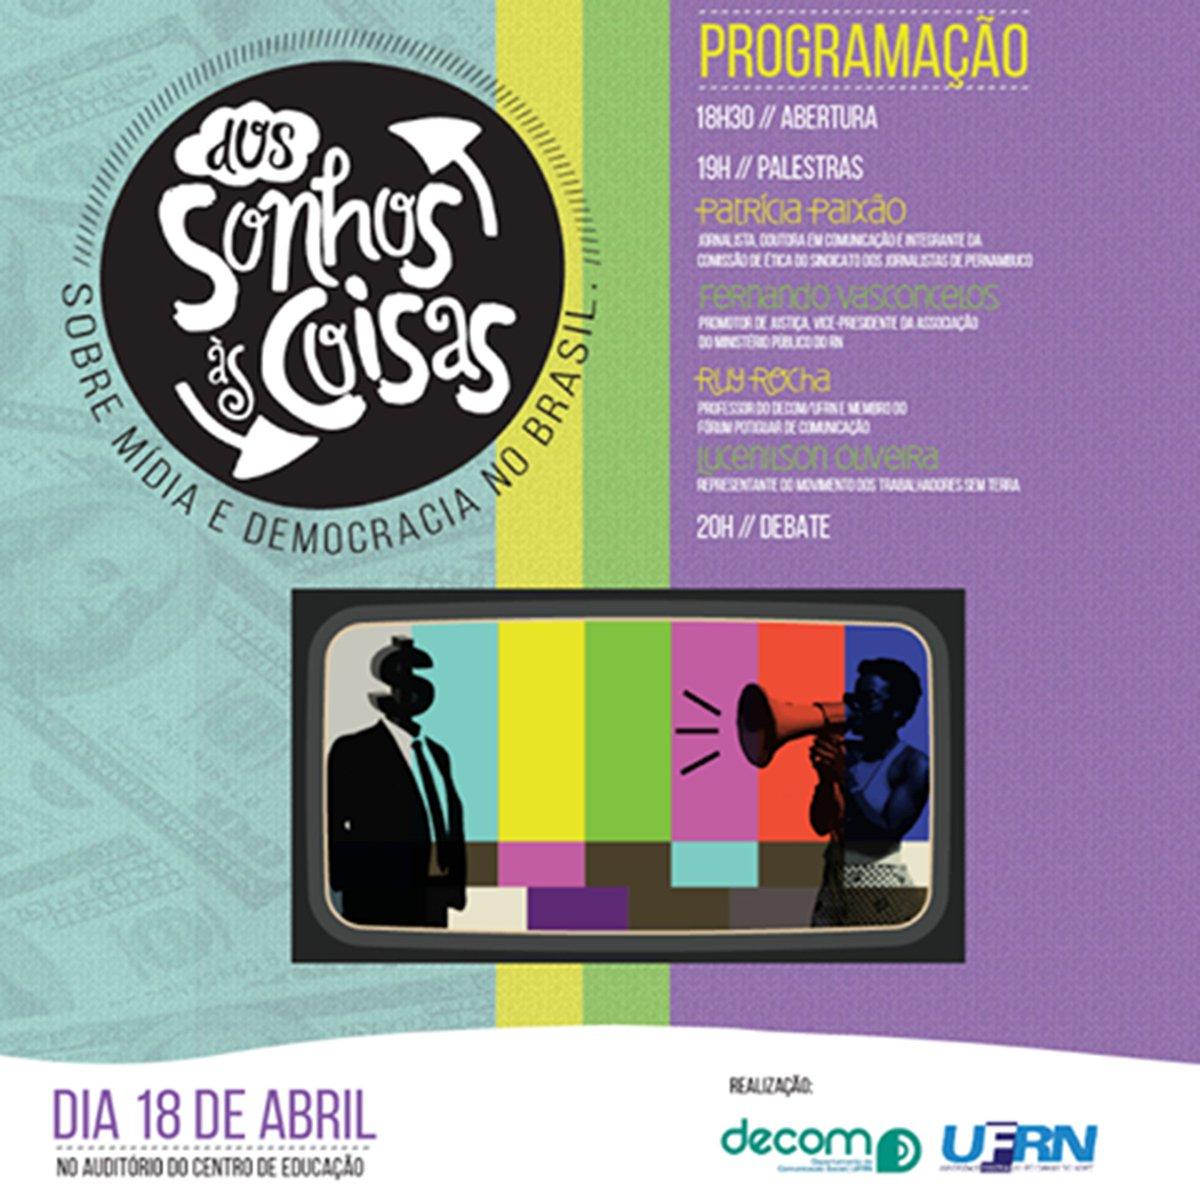 """DECOM promove, dia 18 de abril, o seminário: """"Dos Sonhos às Coisas: sobre mídia e democracia no Brasil"""". https://t.co/2qotp6zdSi"""